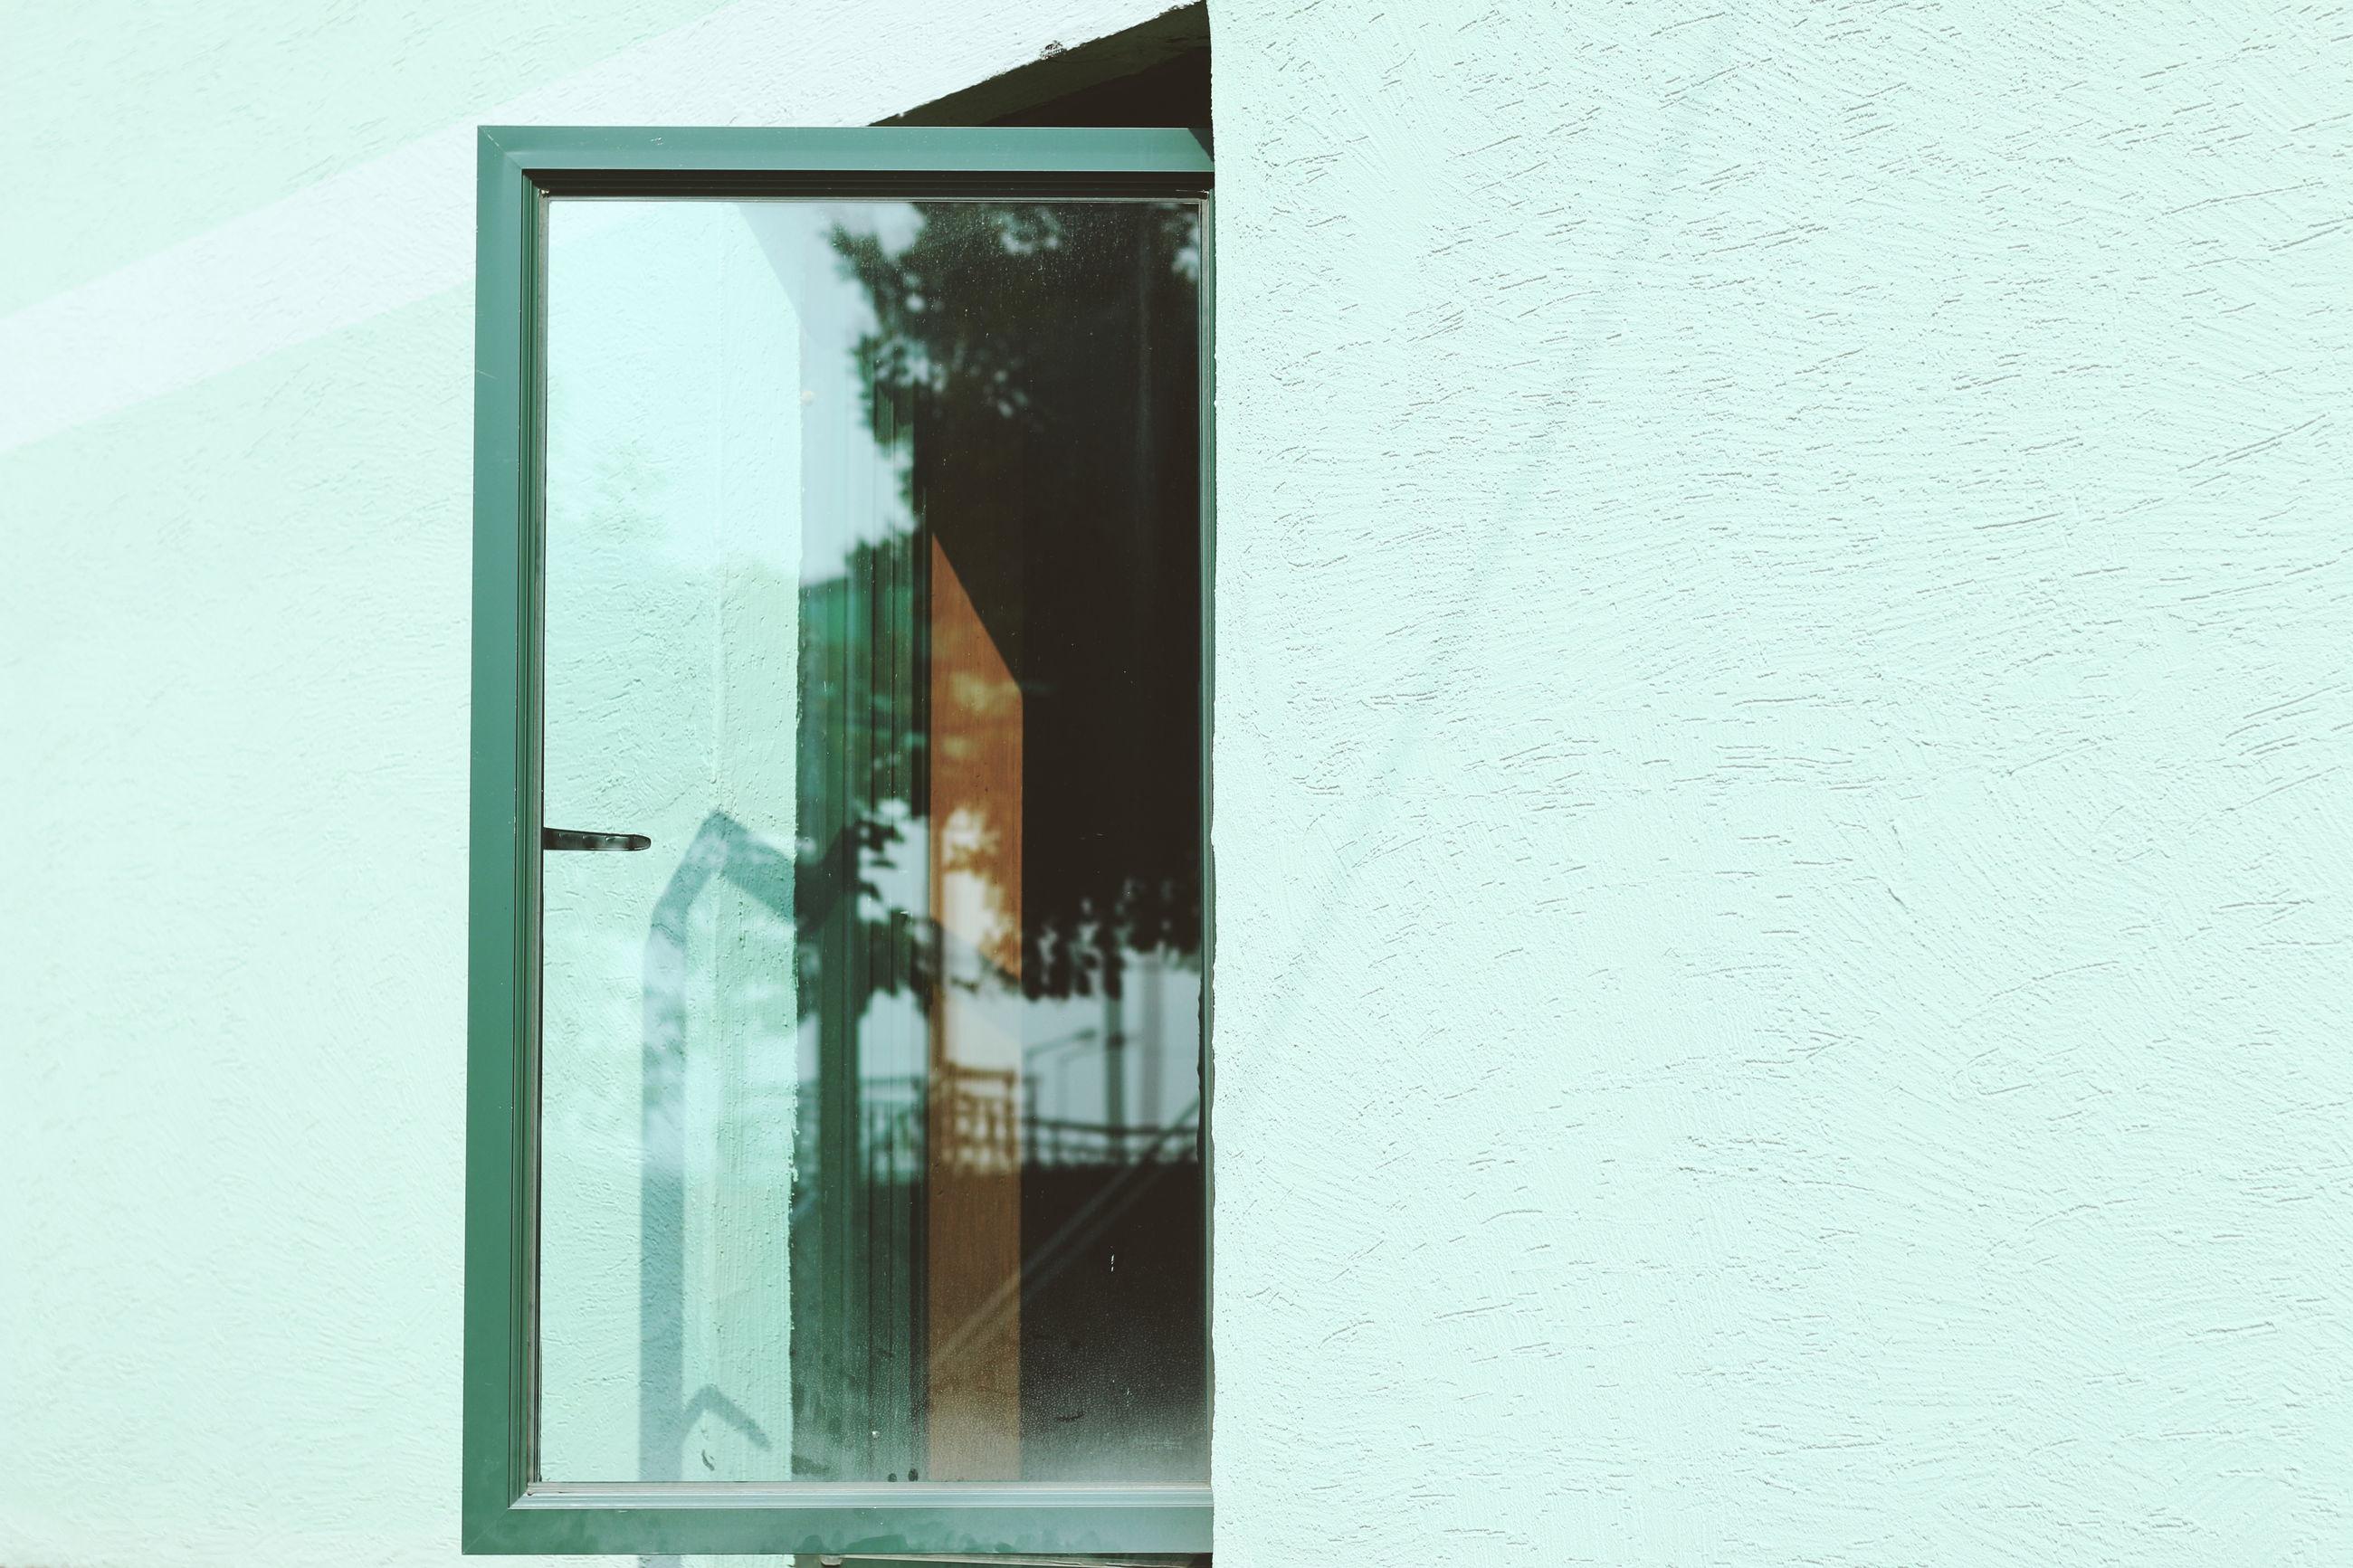 Open window of blue house